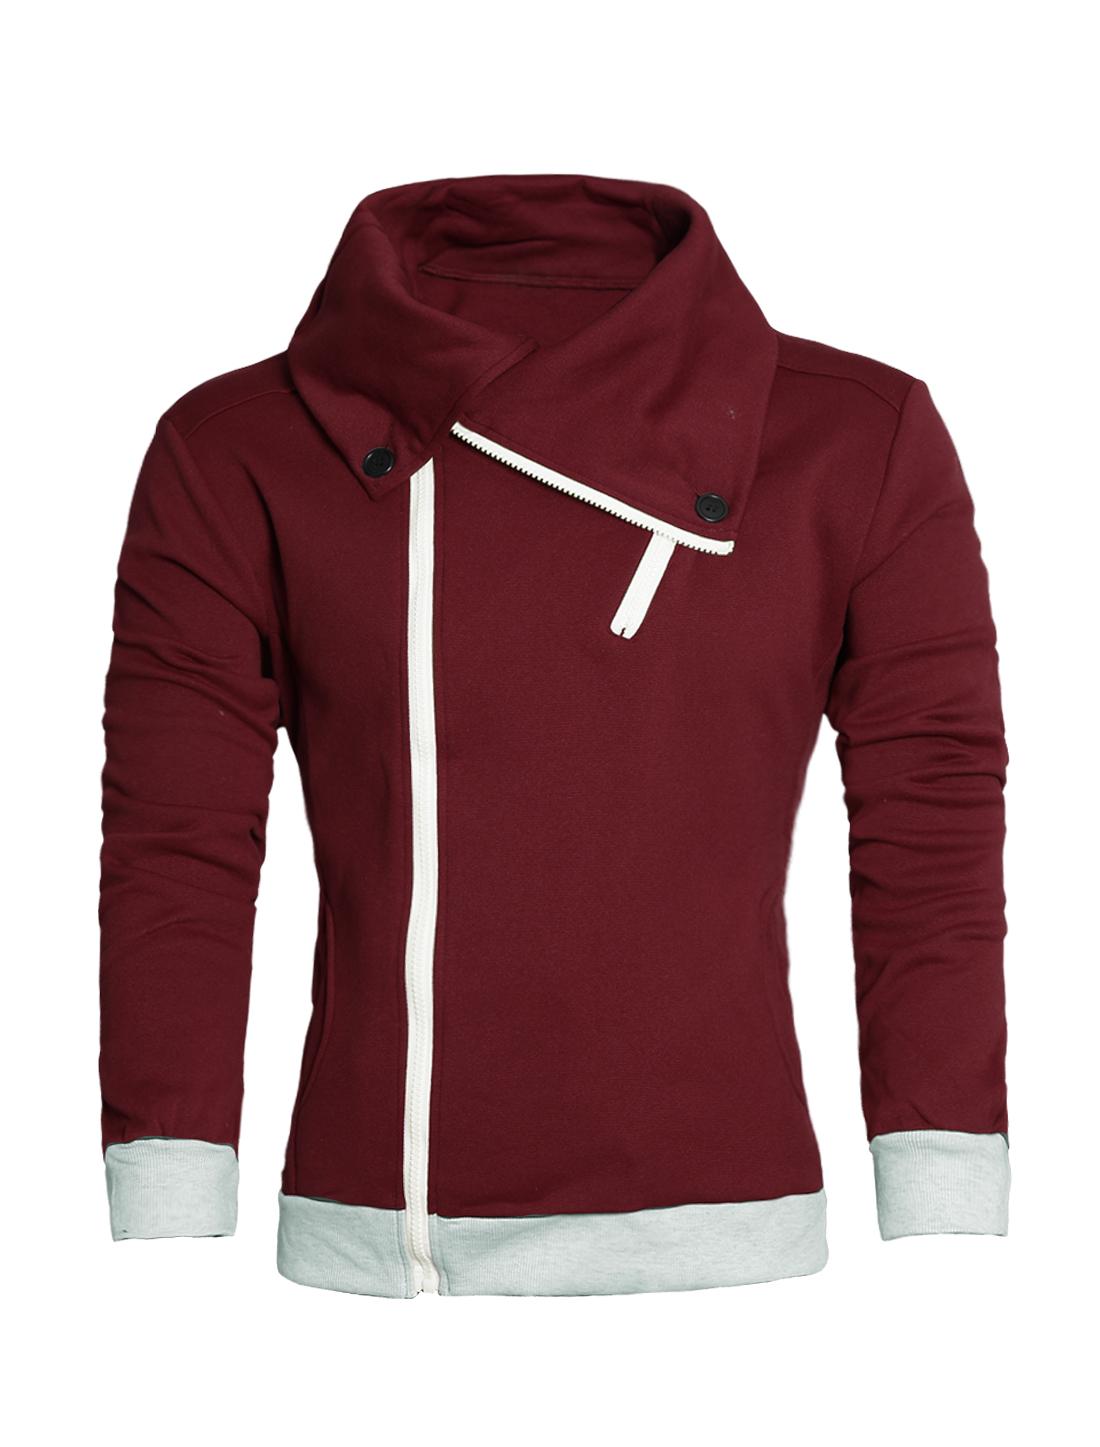 Man Leisure Long Sleeves Zip Closed Burgundy Sweatshirt M